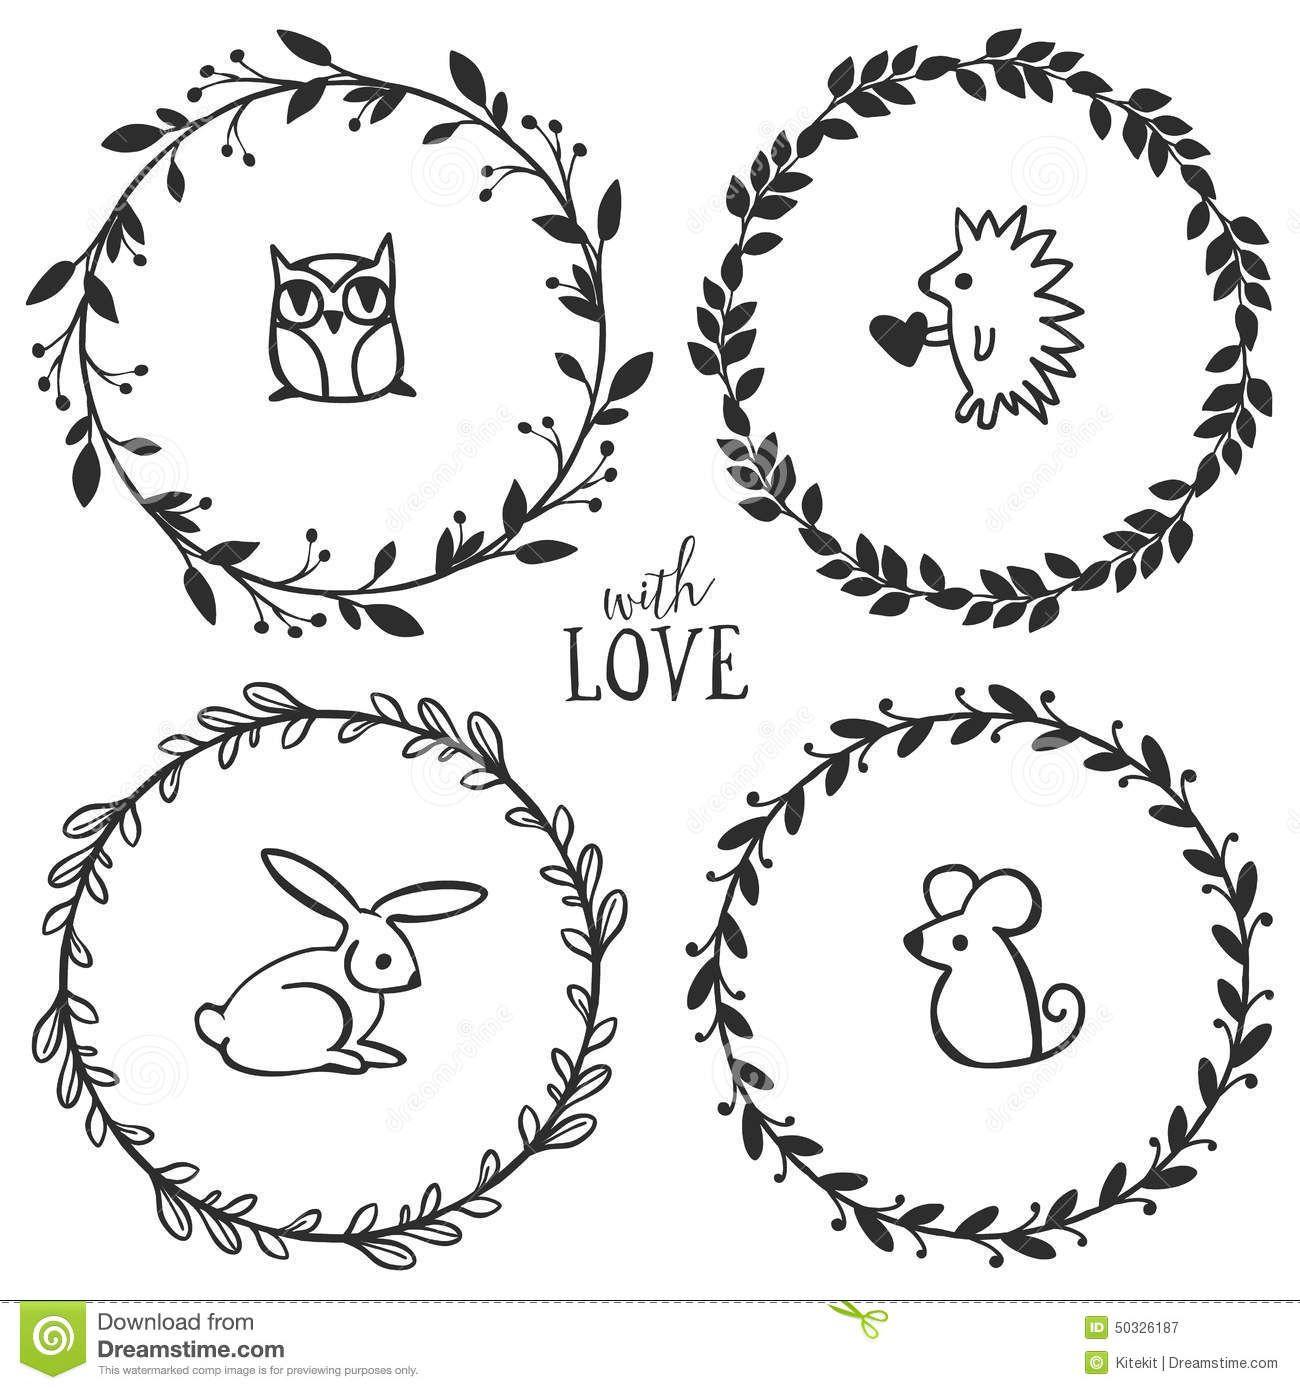 Pin Von Supaticha Auf Sammelsurium Pinterest Drawings